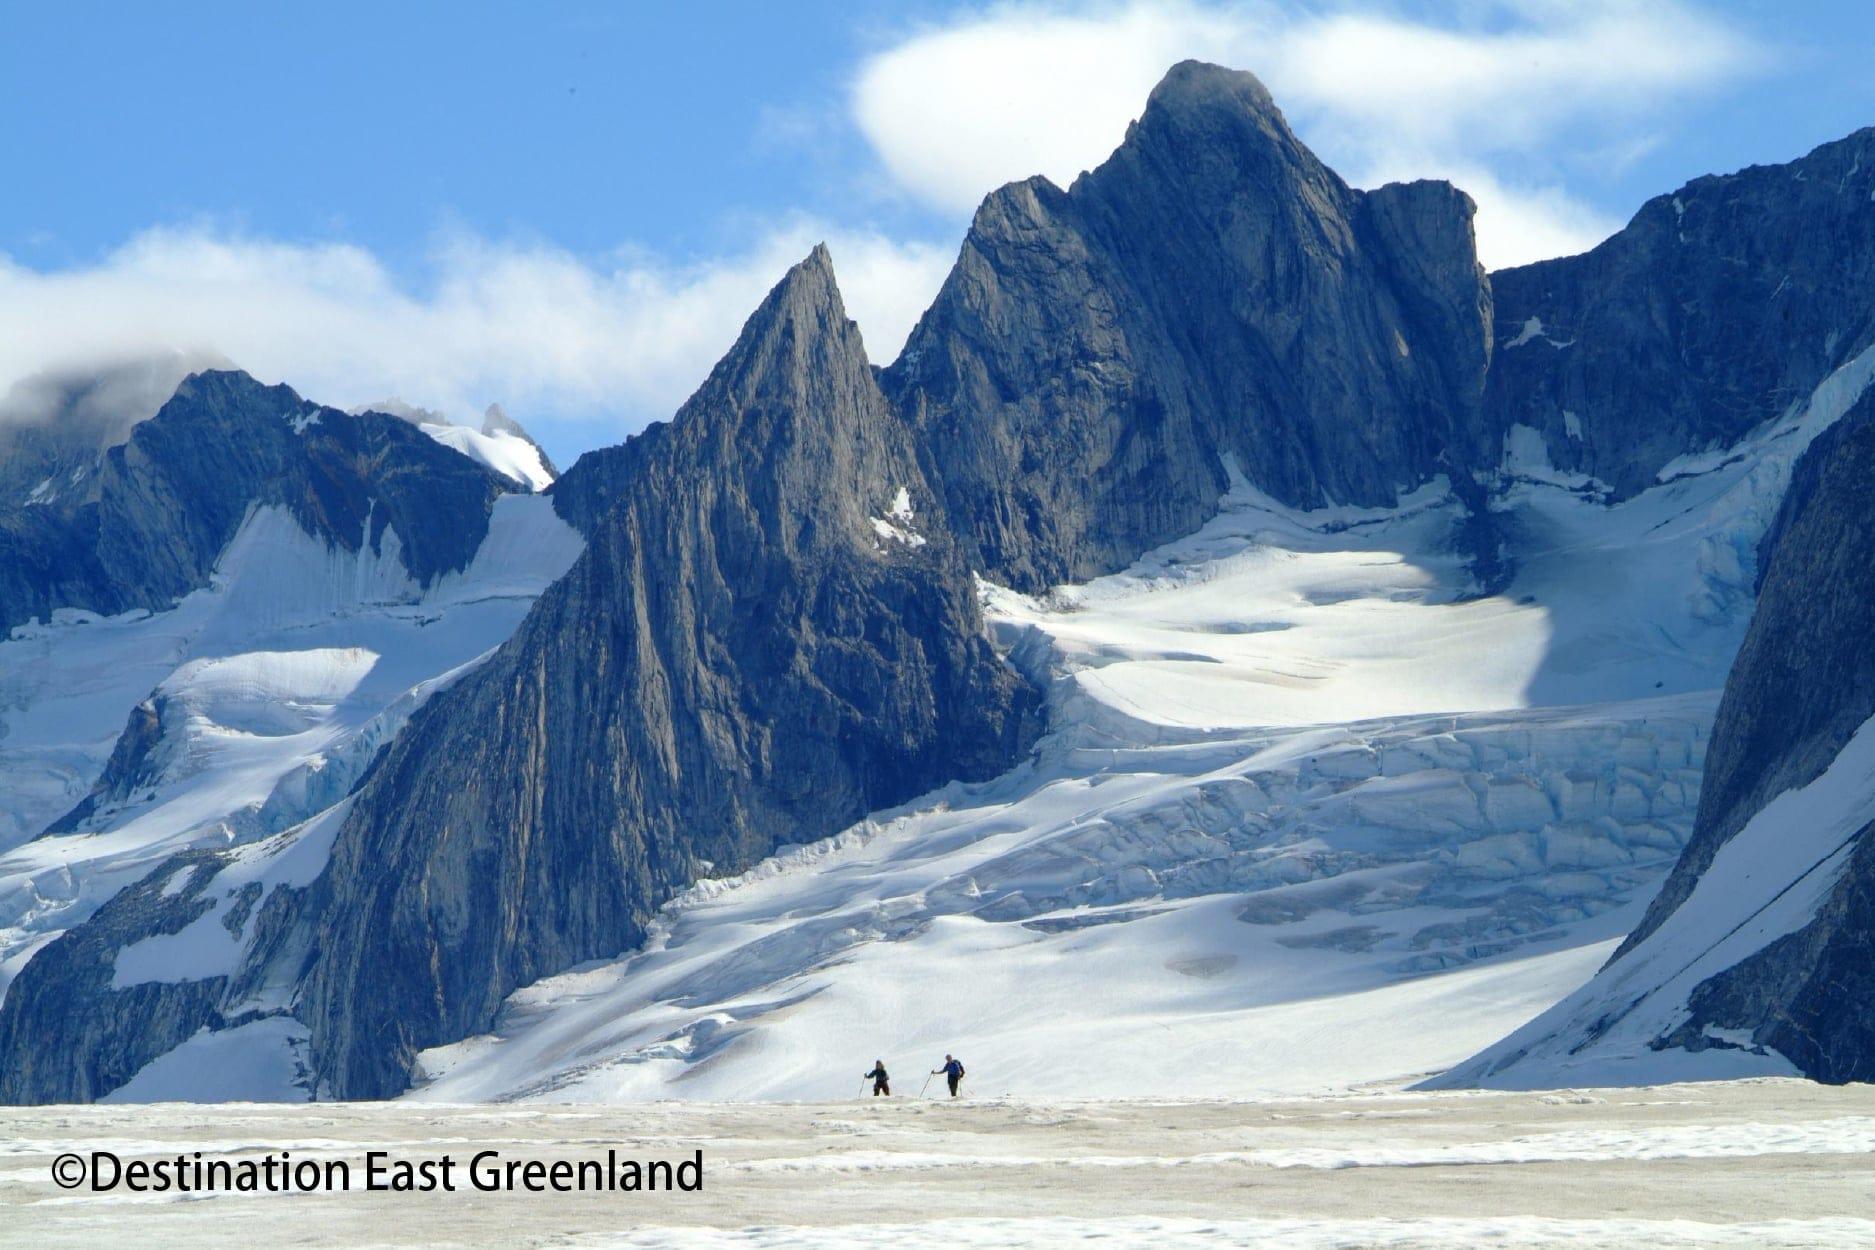 1-要コピーライト(Destination East Greenland)